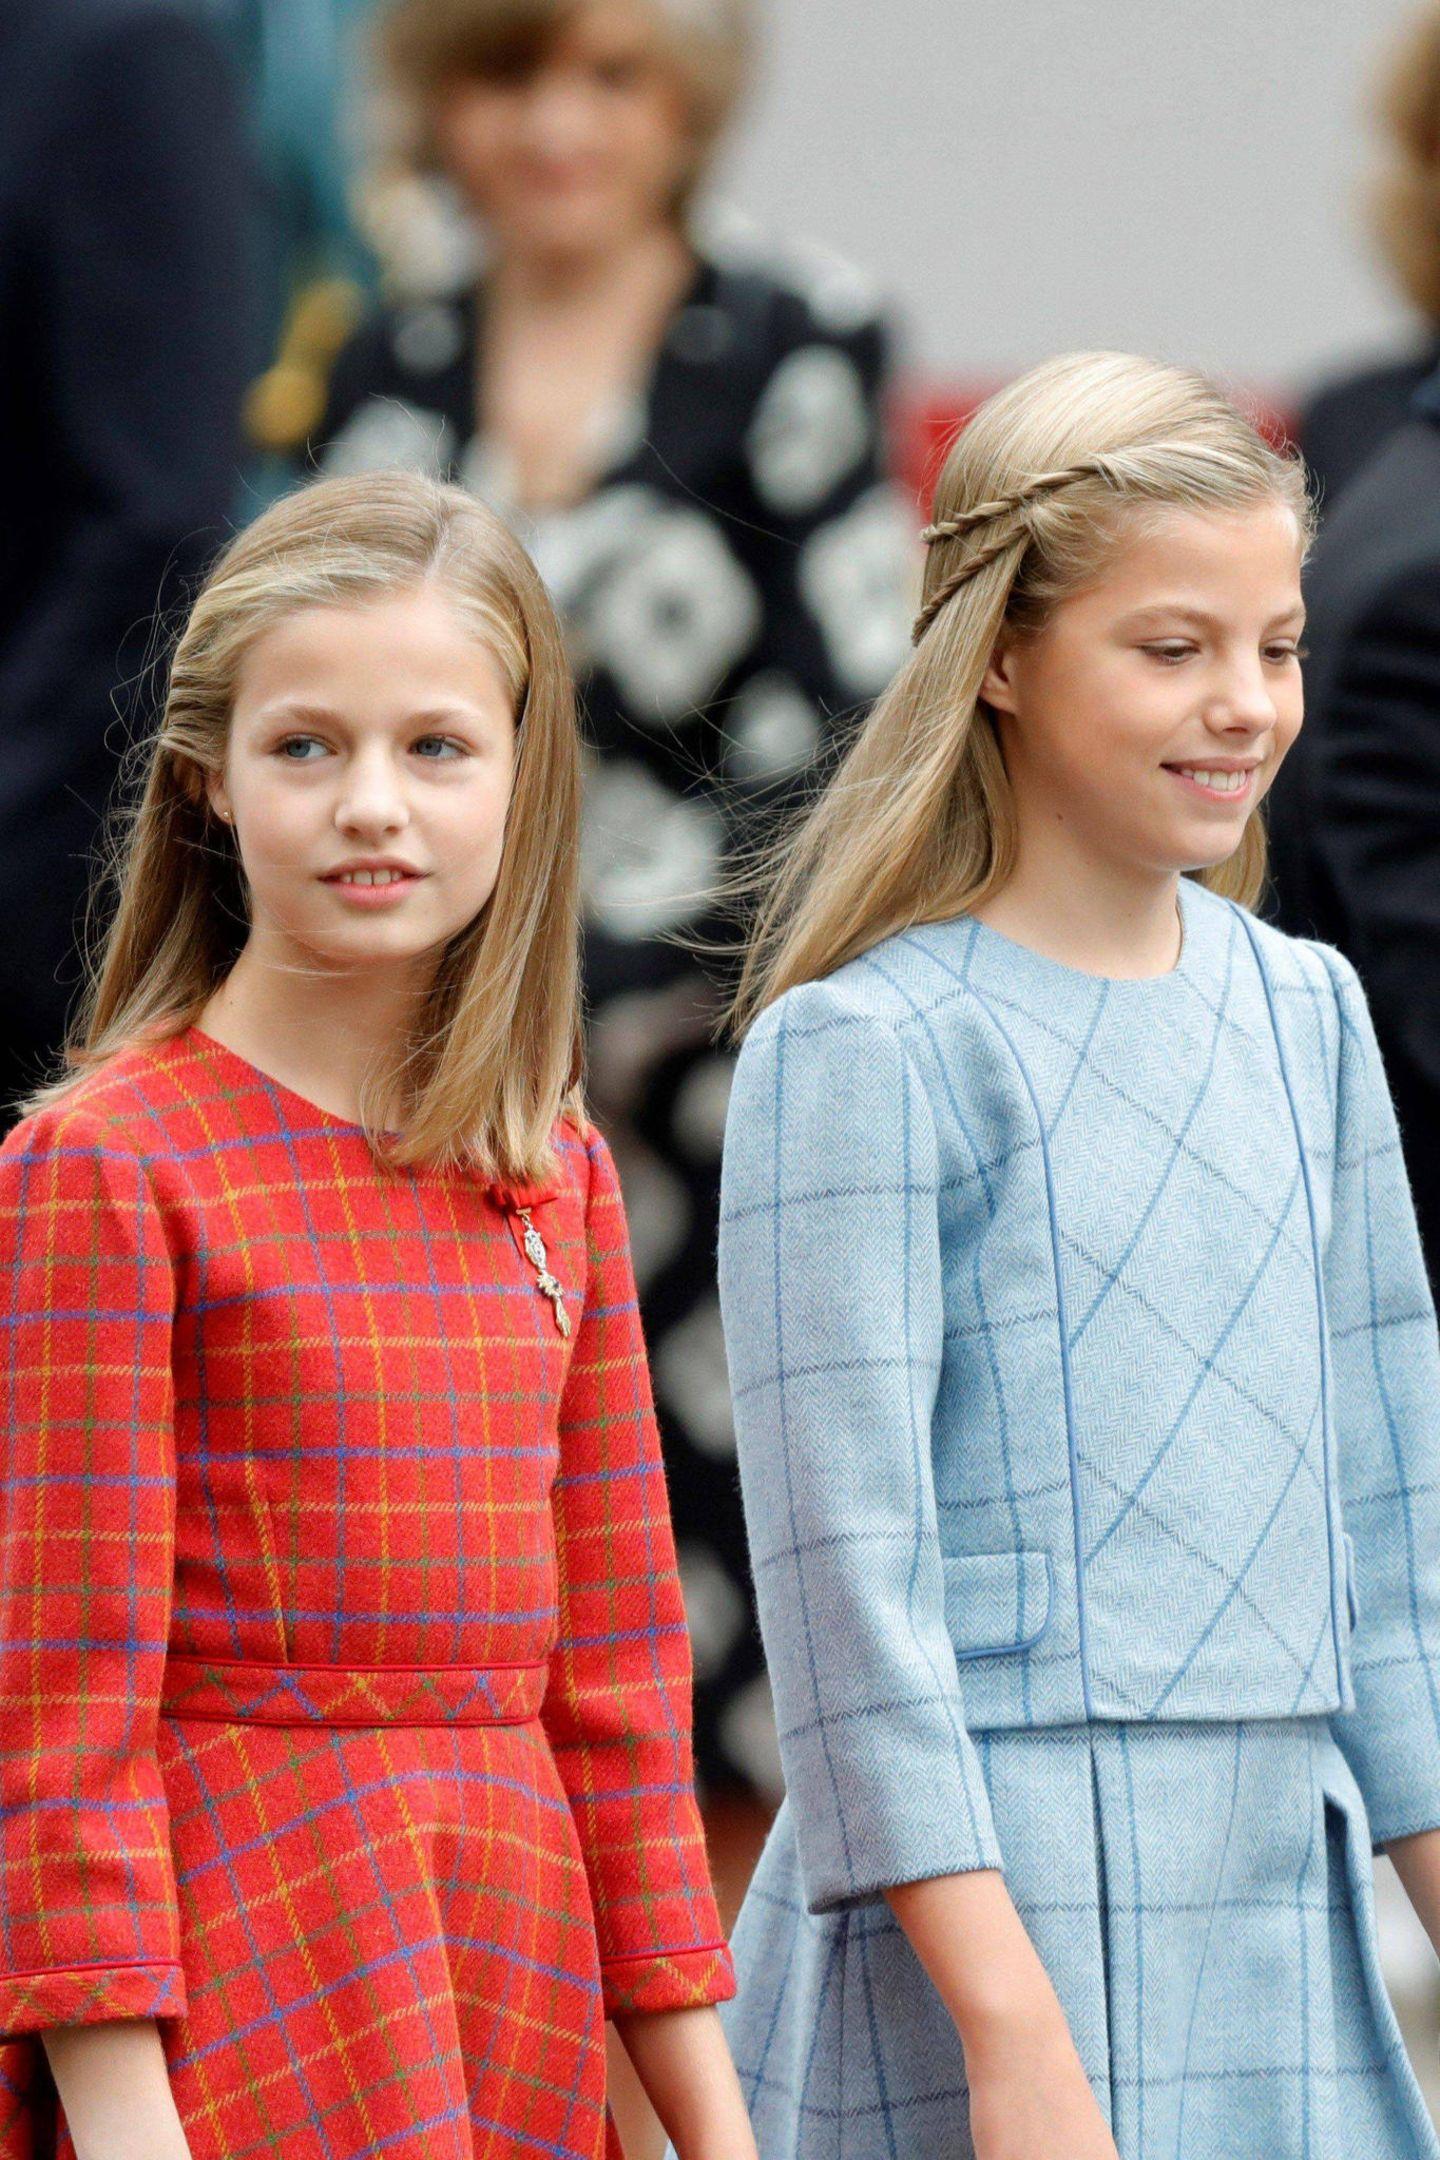 12. Oktober 2018  Sie wachsen zu echten Schönheiten heran: Prinzessin Leonor (li.) und ihre Schwester Prinzessin Sofia.